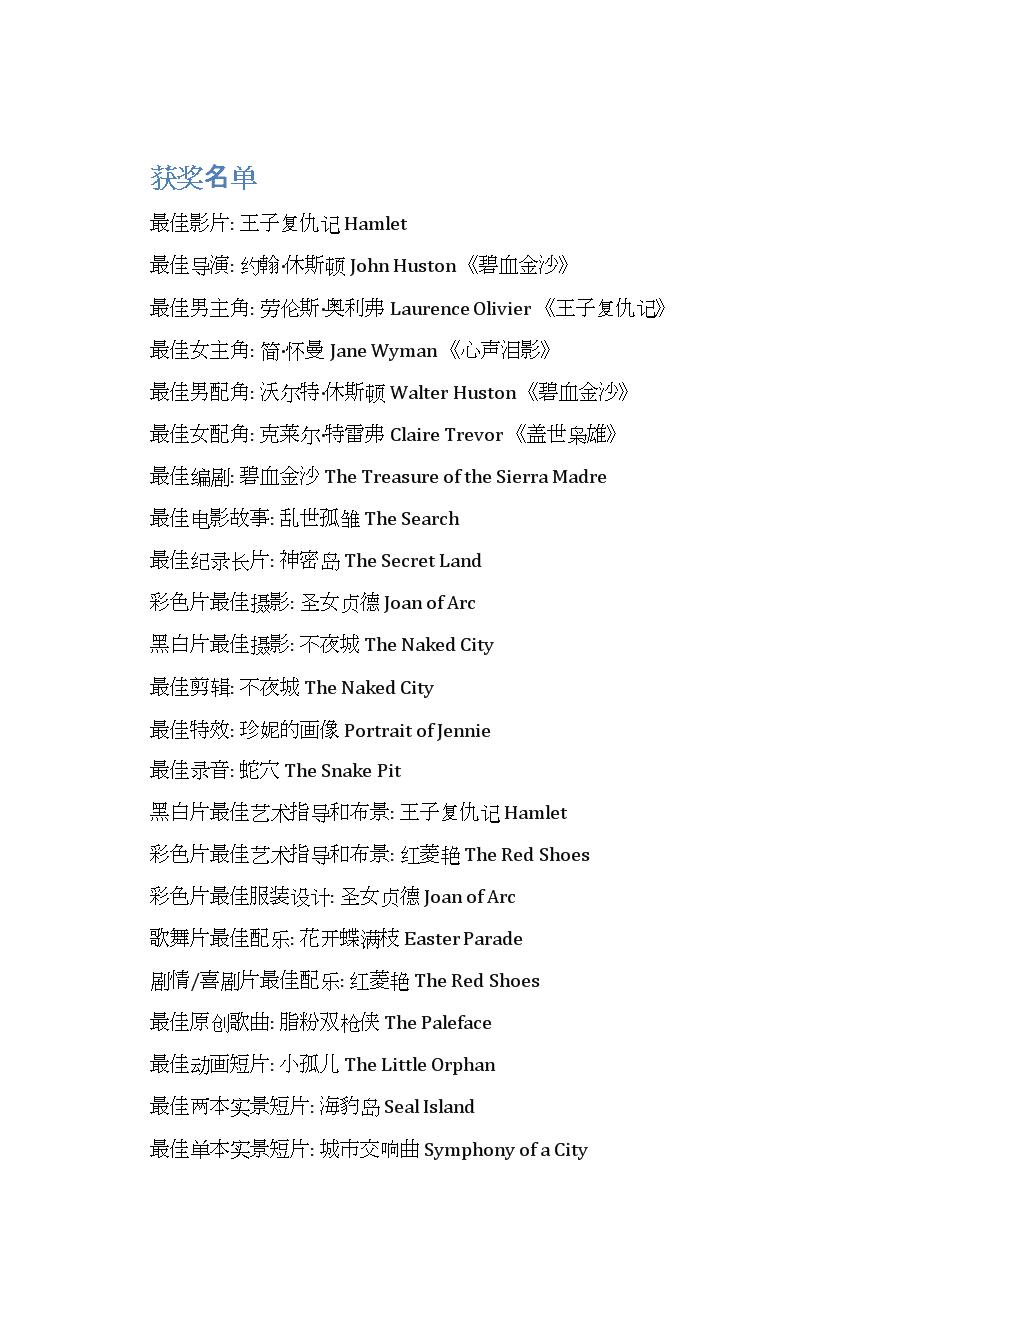 历届奥斯卡电影经典之1949年.docx